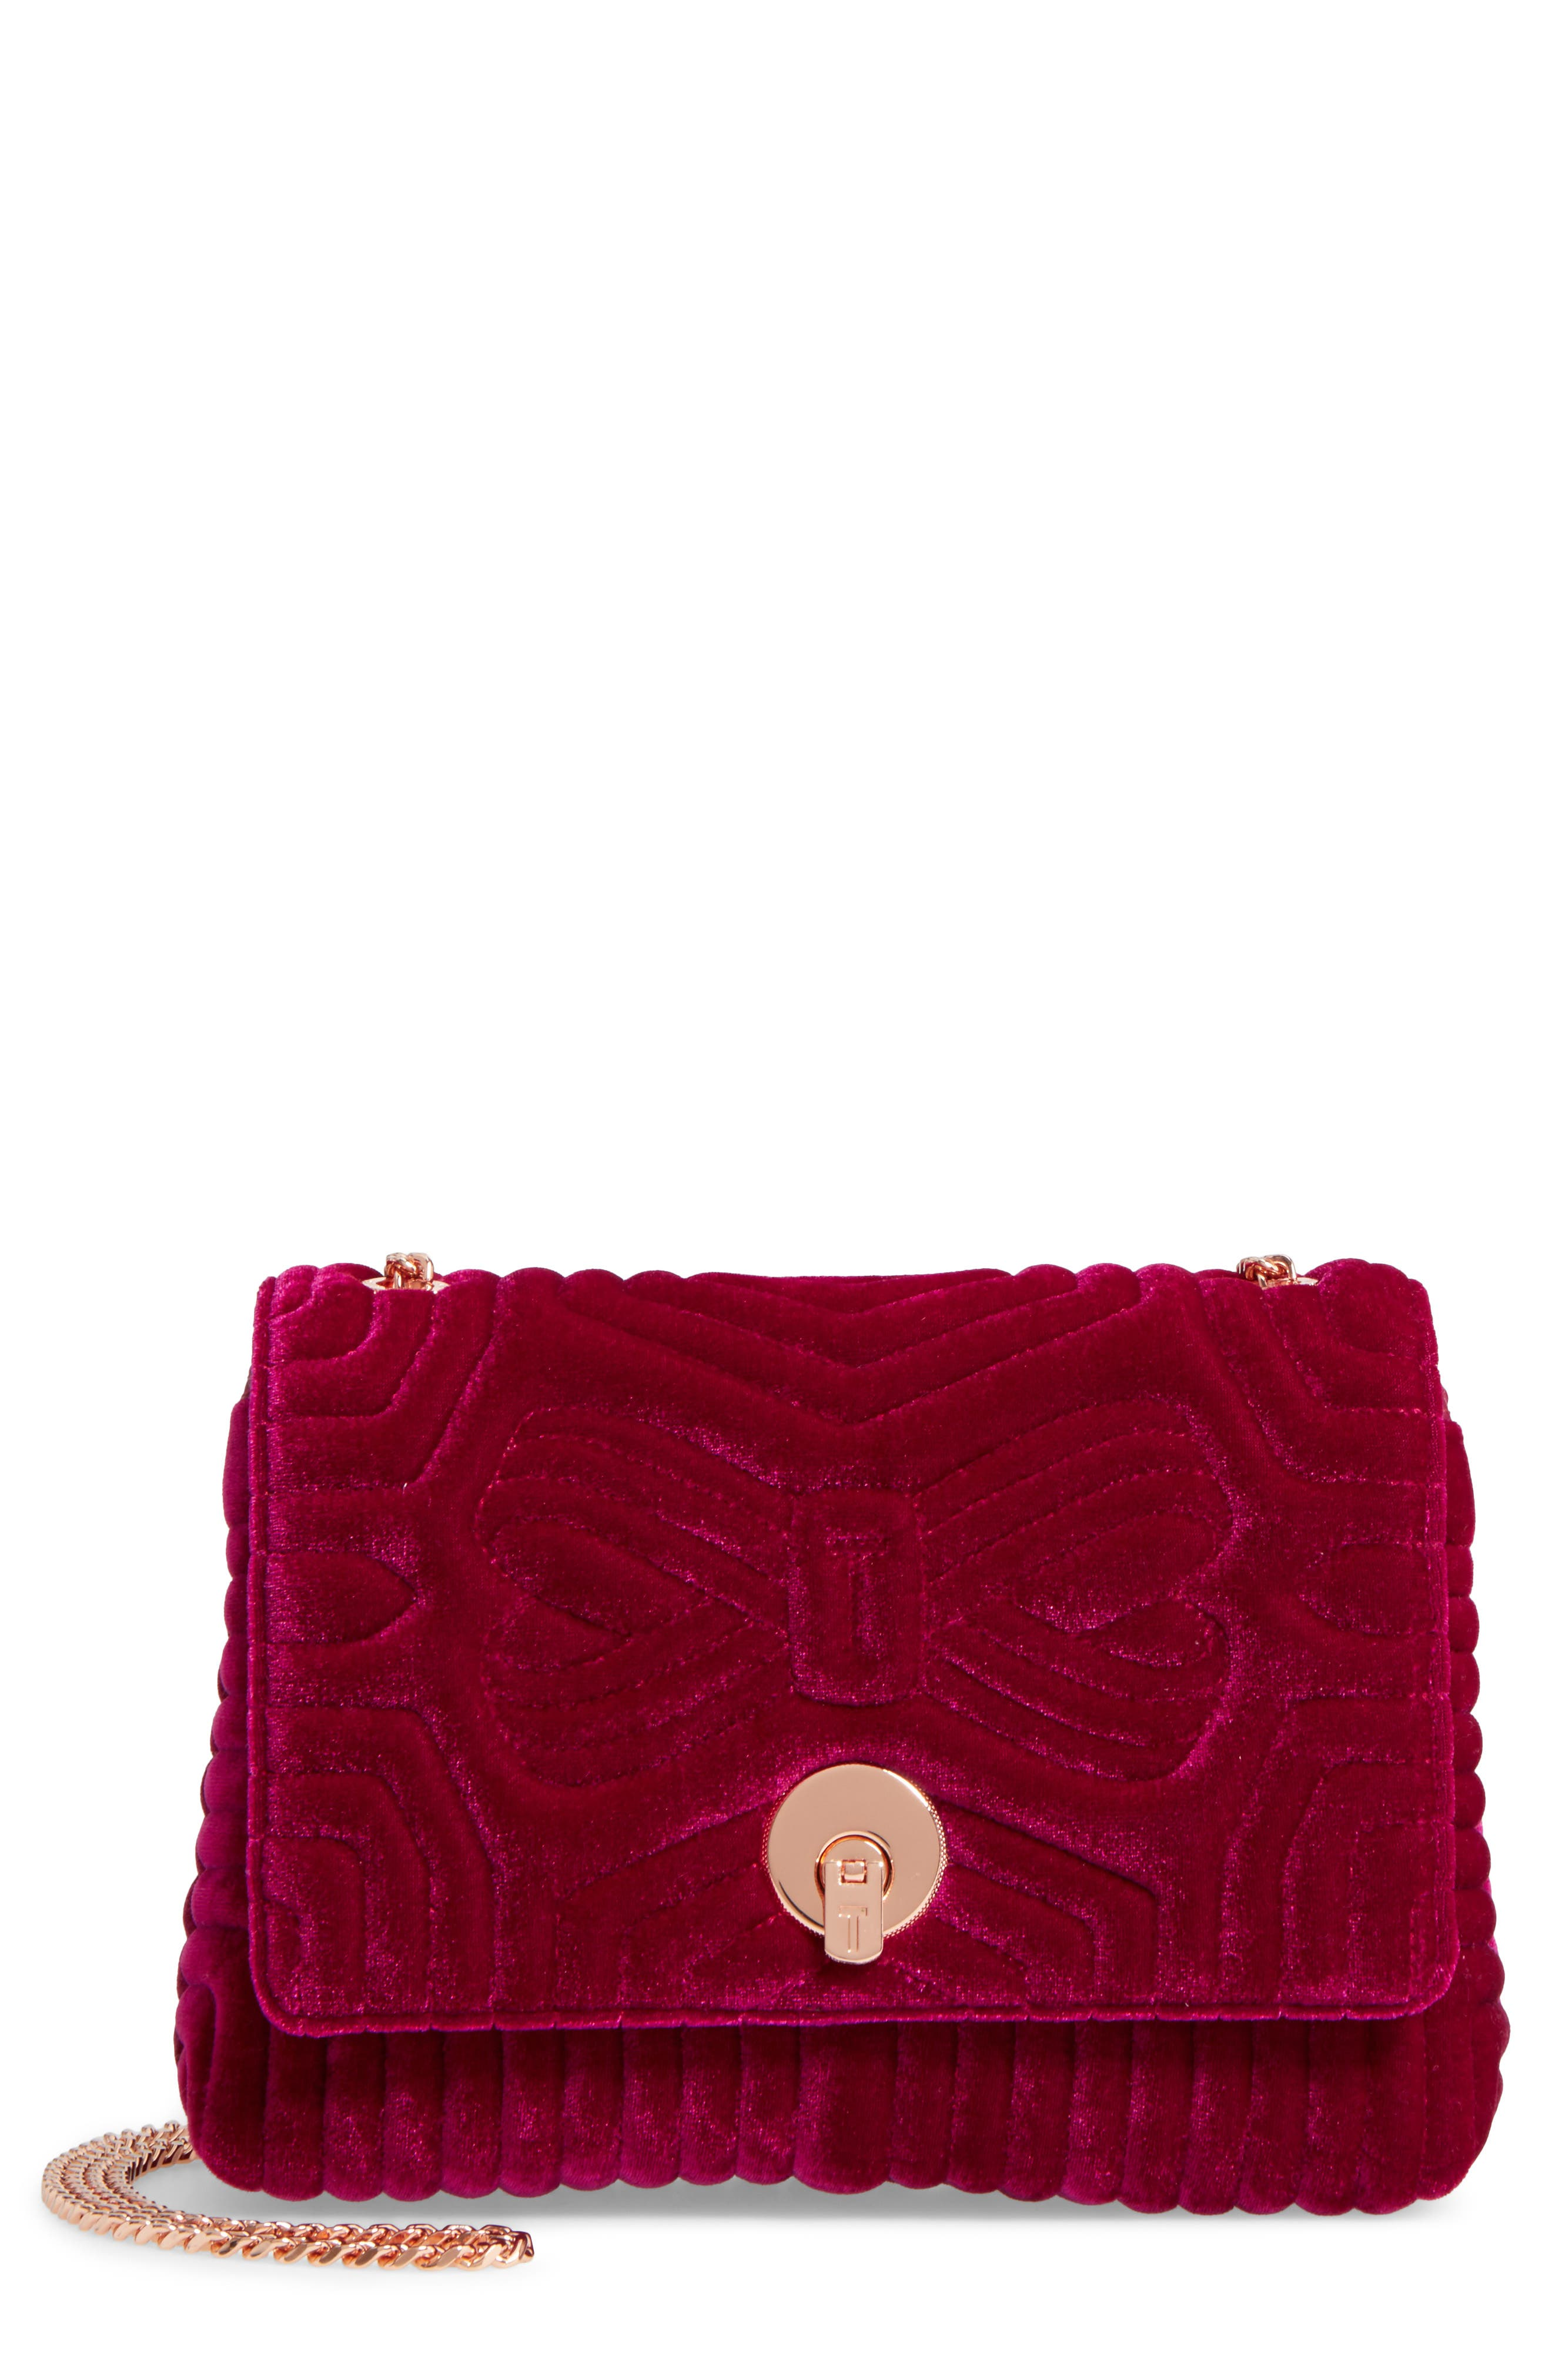 Alternate Image 1 Selected - Ted Baker London Quilted Velvet Crossbody Bag